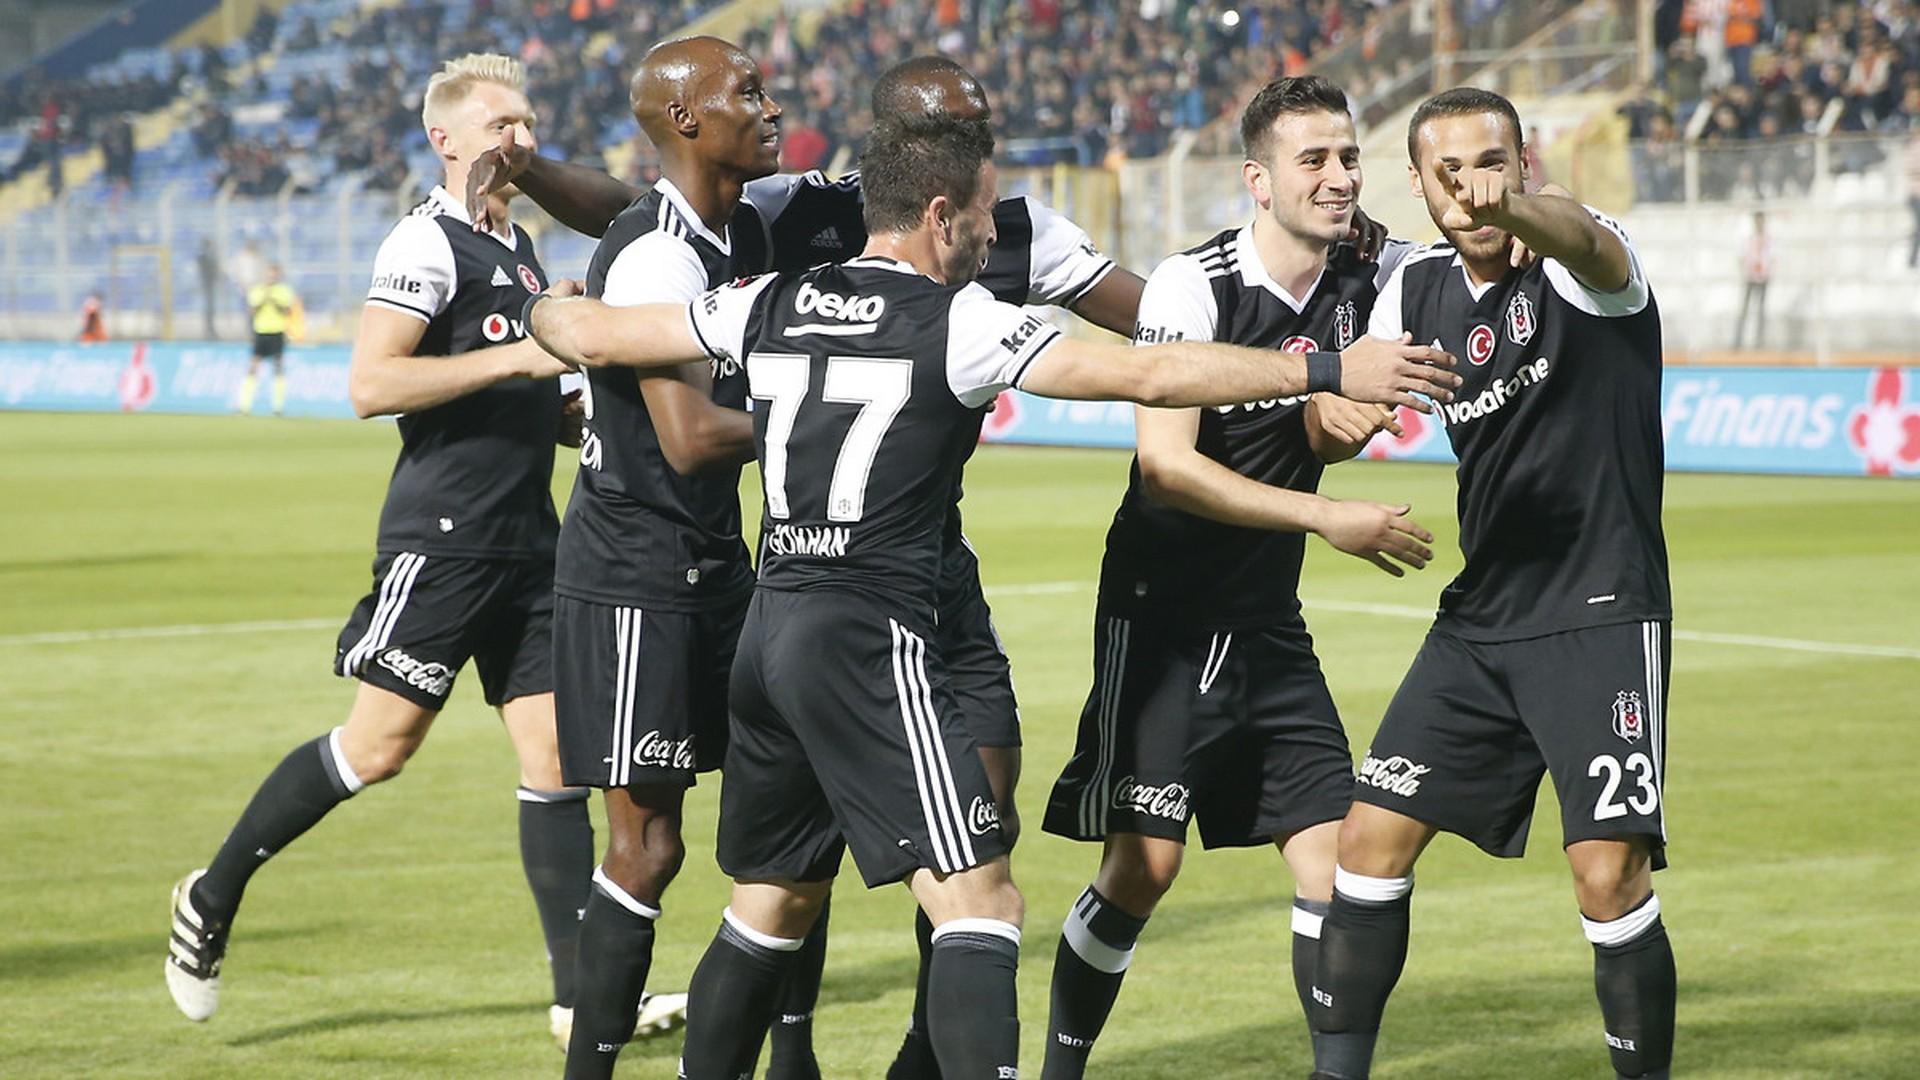 Besiktas, rimonta da pazzi. Con il Benfica da 0-3 a 3-3